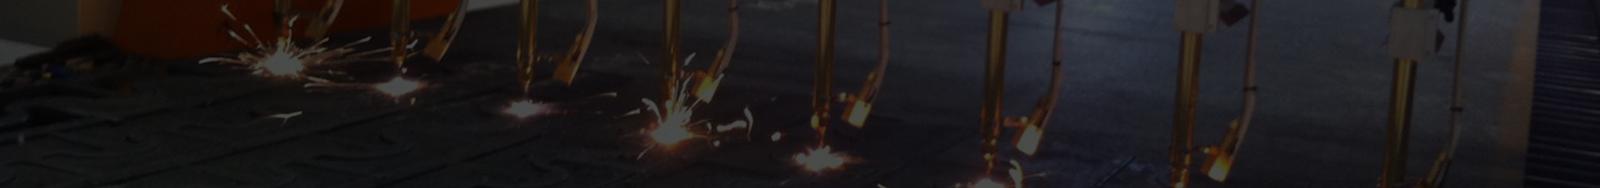 Equipos de oxicorte y accesorios para soldadura